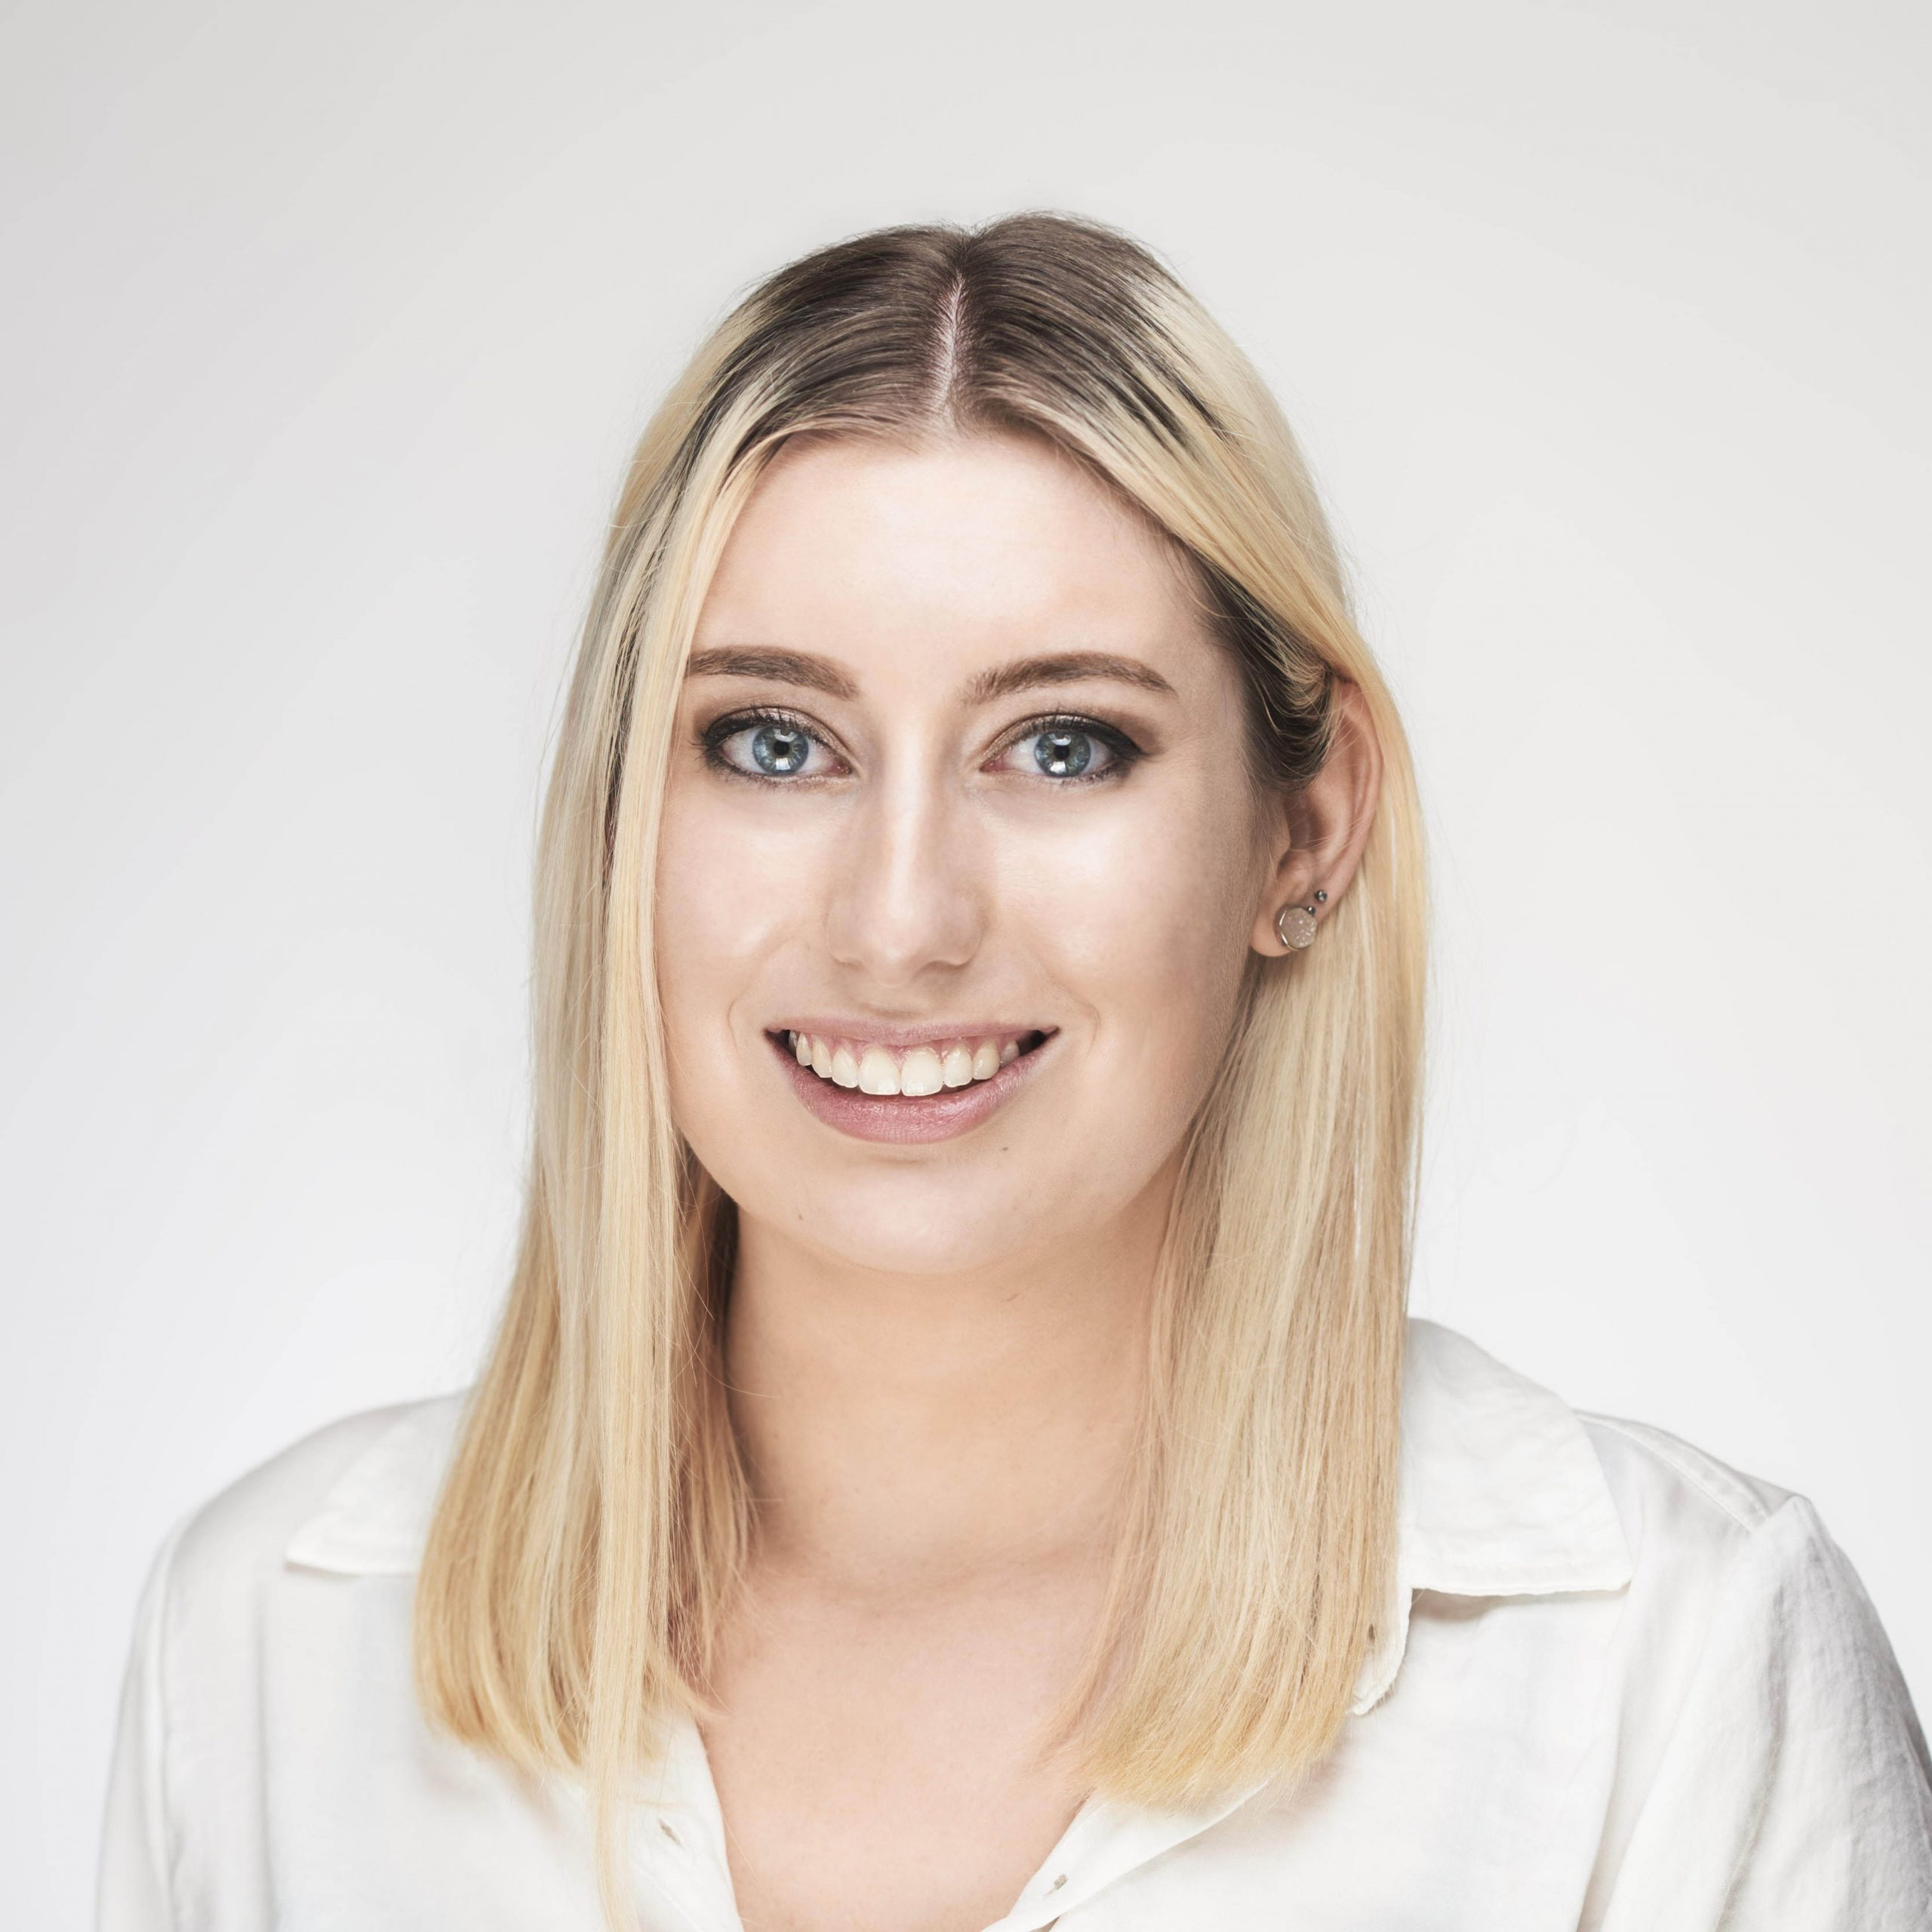 Hannah Wood | Meet the Team | Facial Aesthetics by Julie Scott